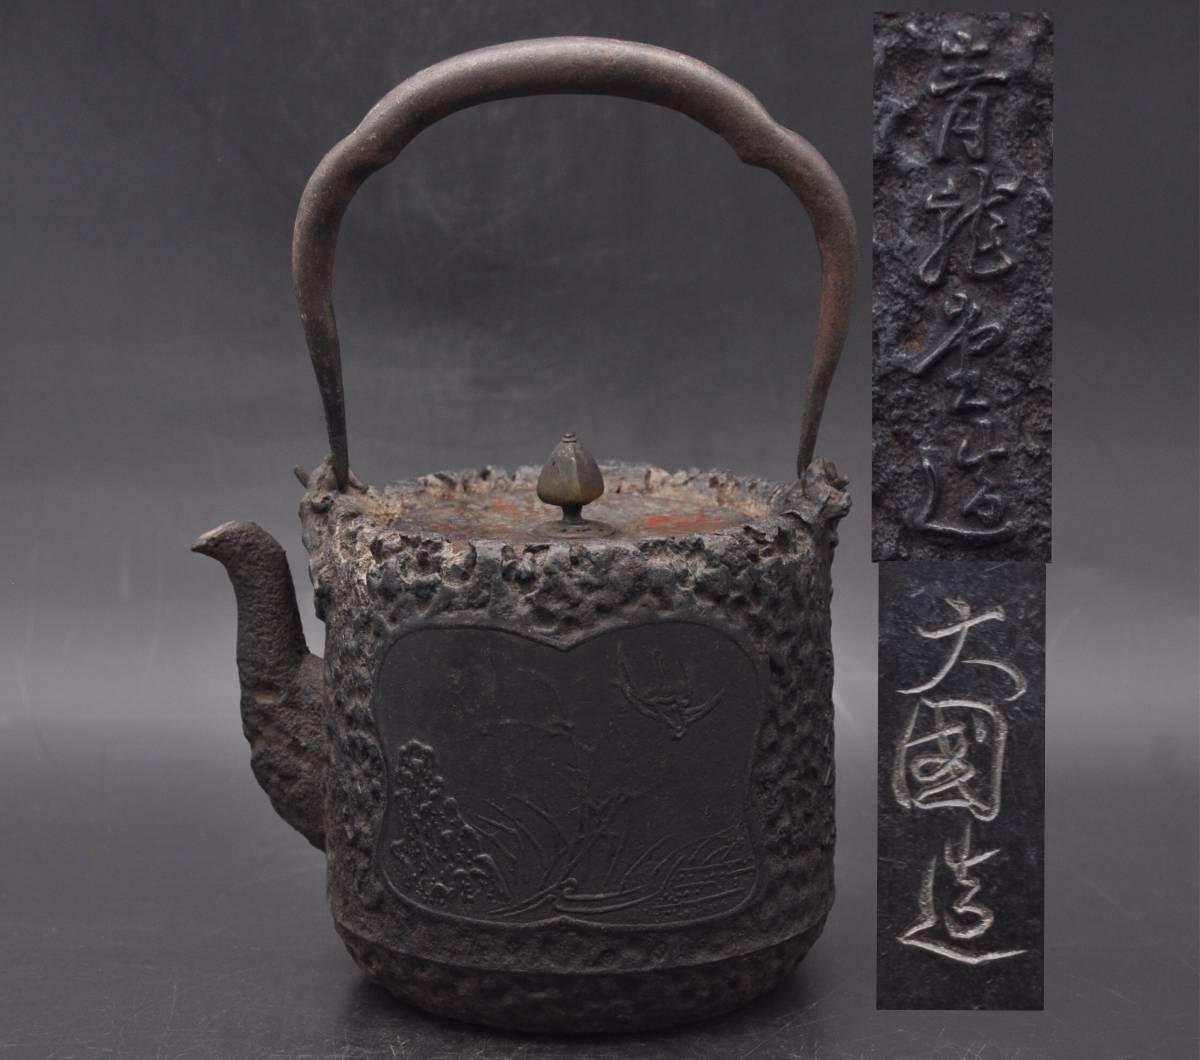 「恒」青龙堂 大国造 鉄瓶 印在身 在铭 铜盖 汤沸 铁瓶 时代煎茶道具 急须YK19523